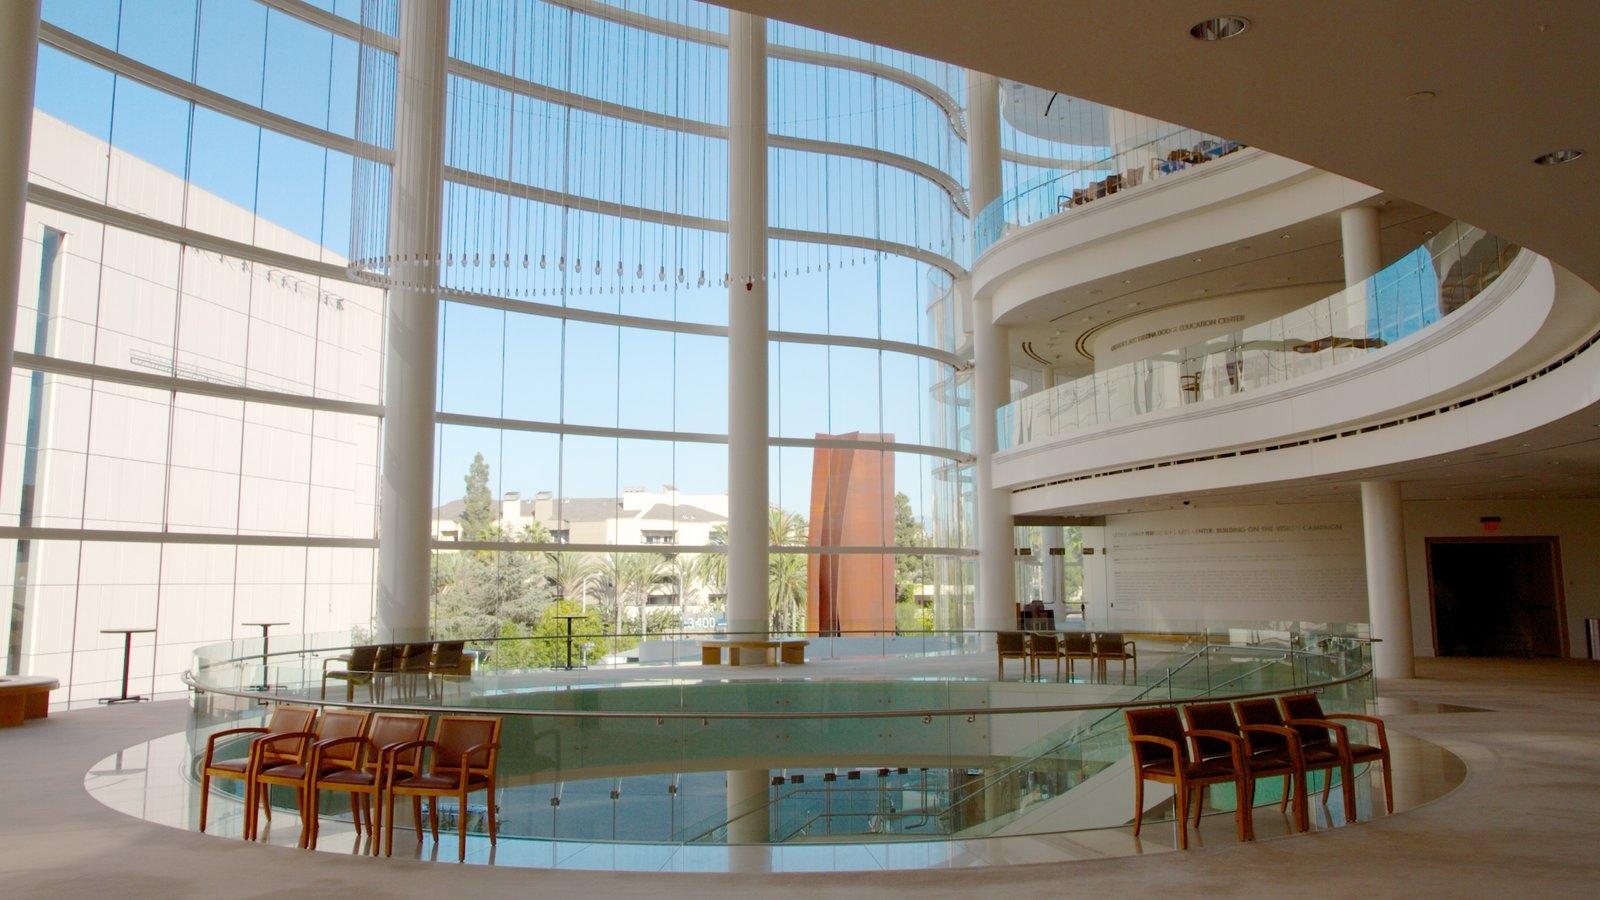 Segerstrom Center for the Arts que inclui vistas internas e arte